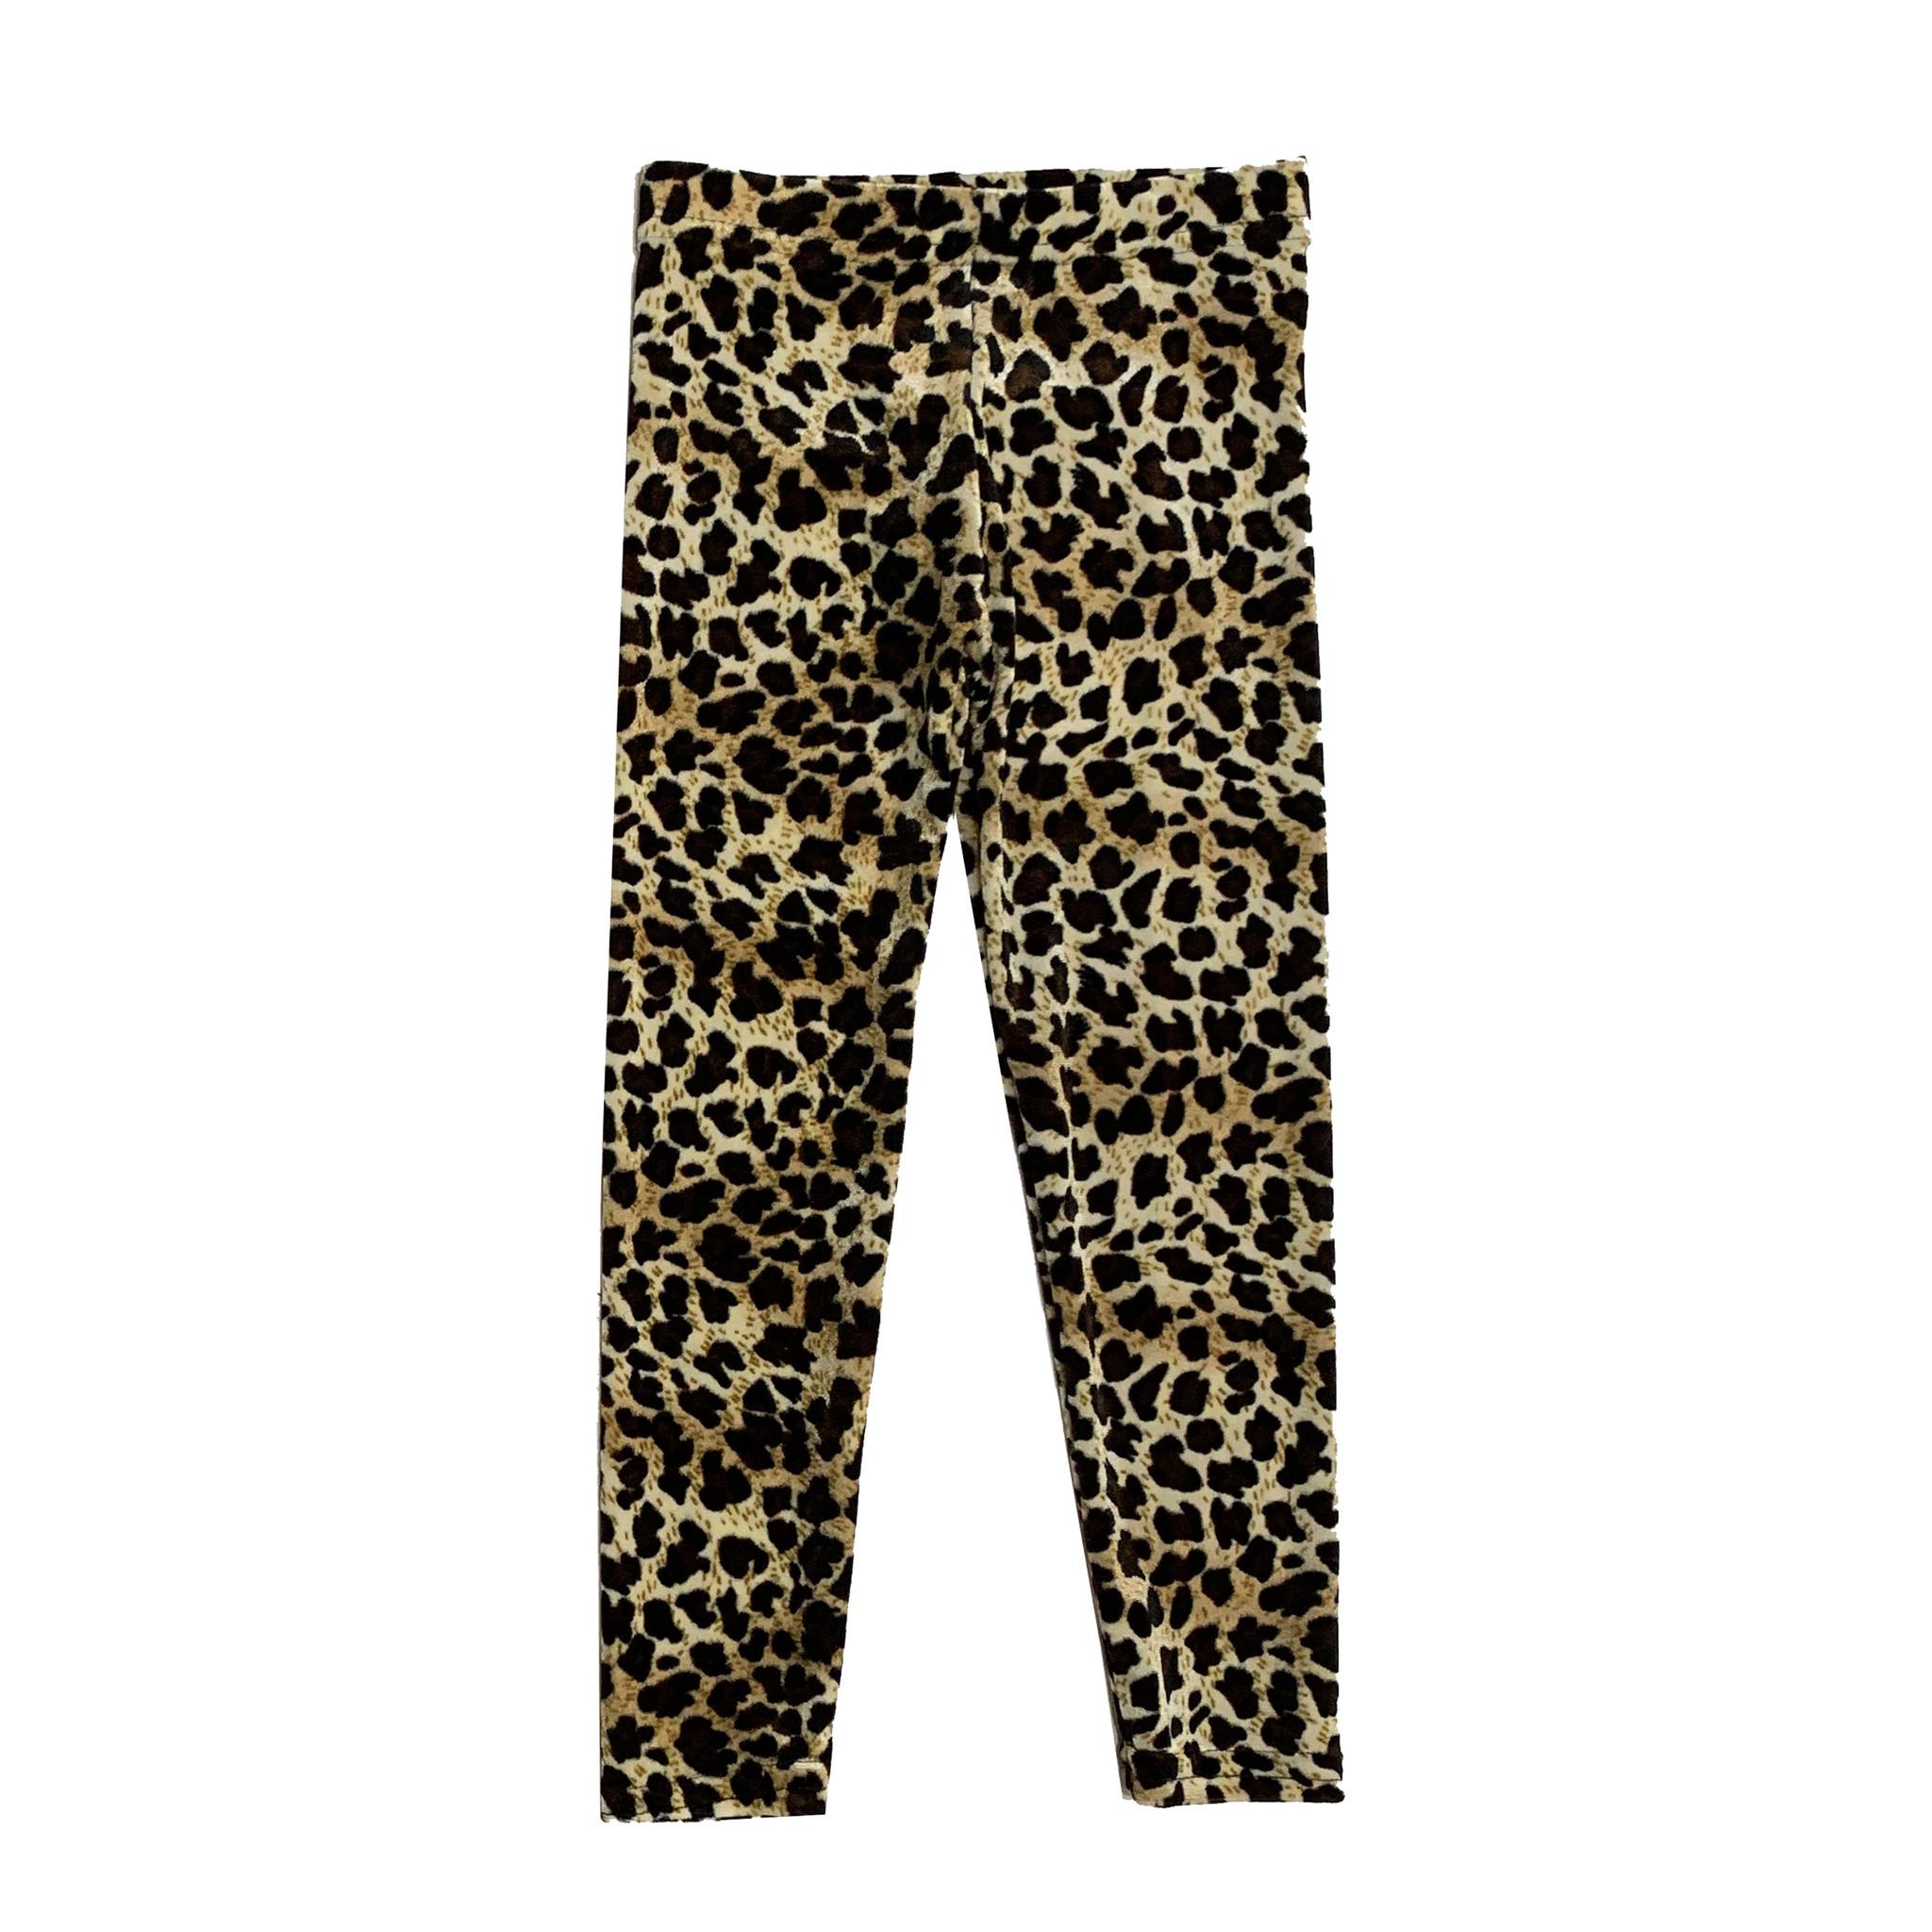 Dori Creations Leopard Velour Legging